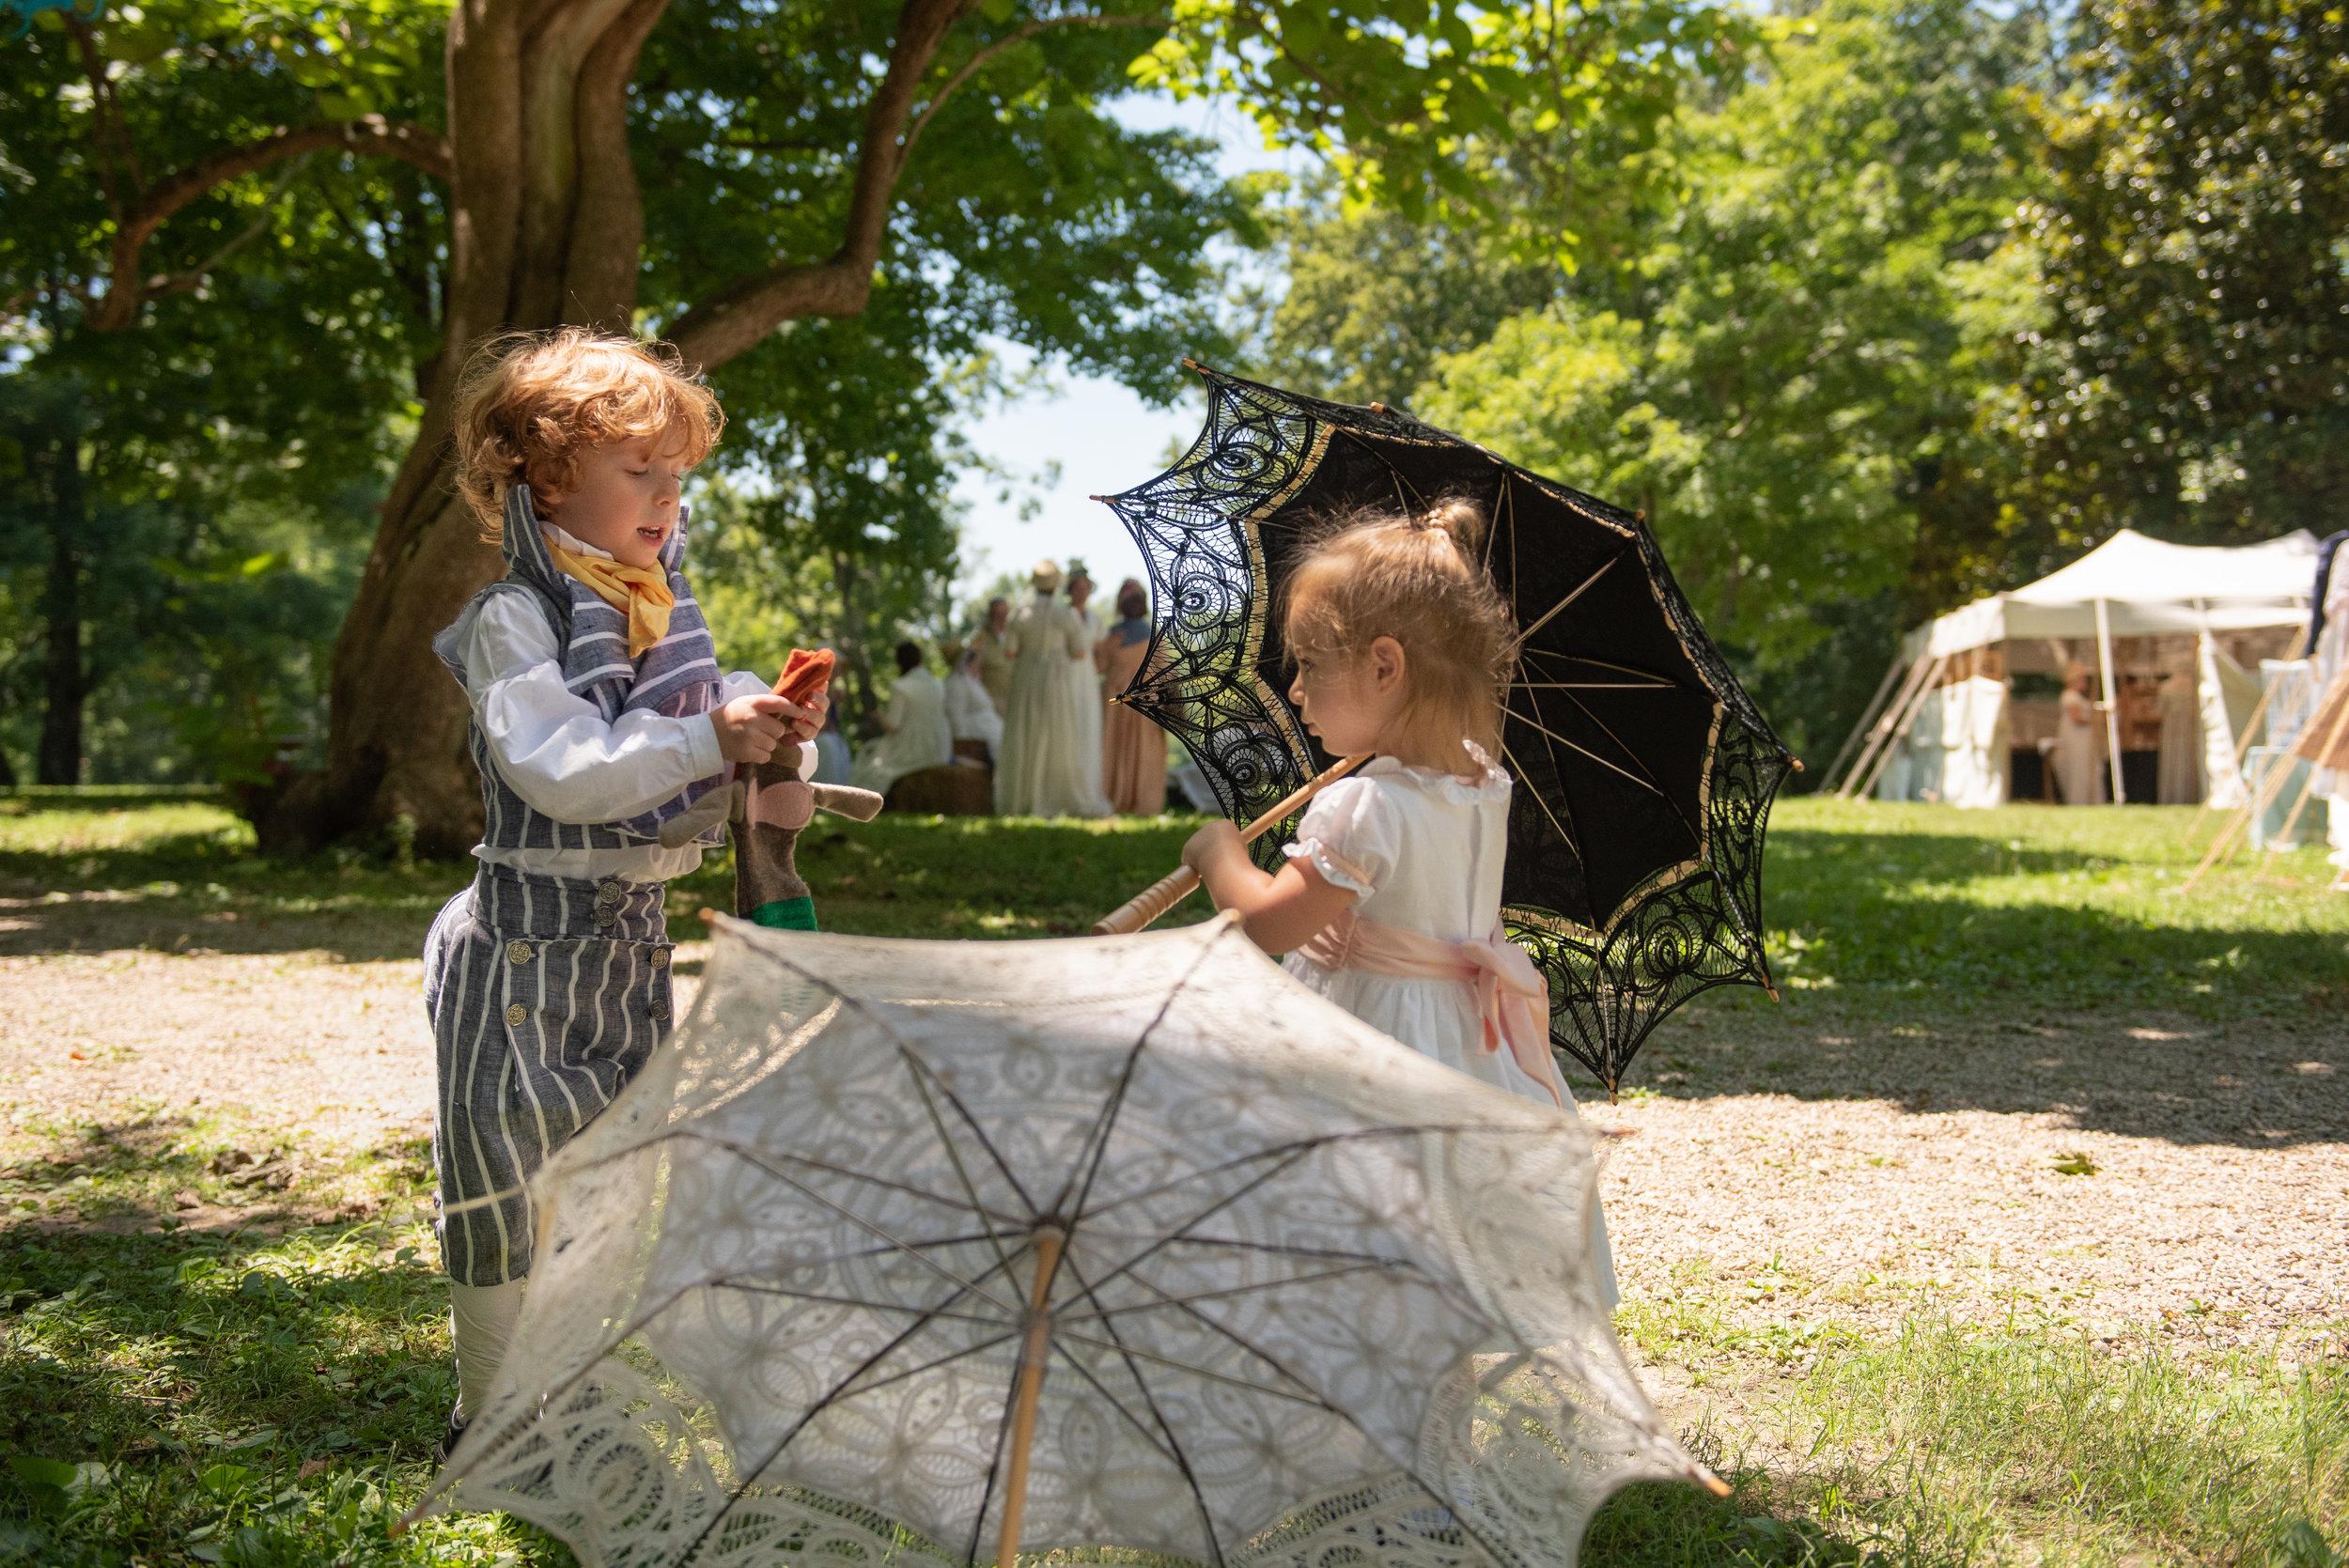 Regency Family Jane Austen Festival Louisville Kentucky 2019